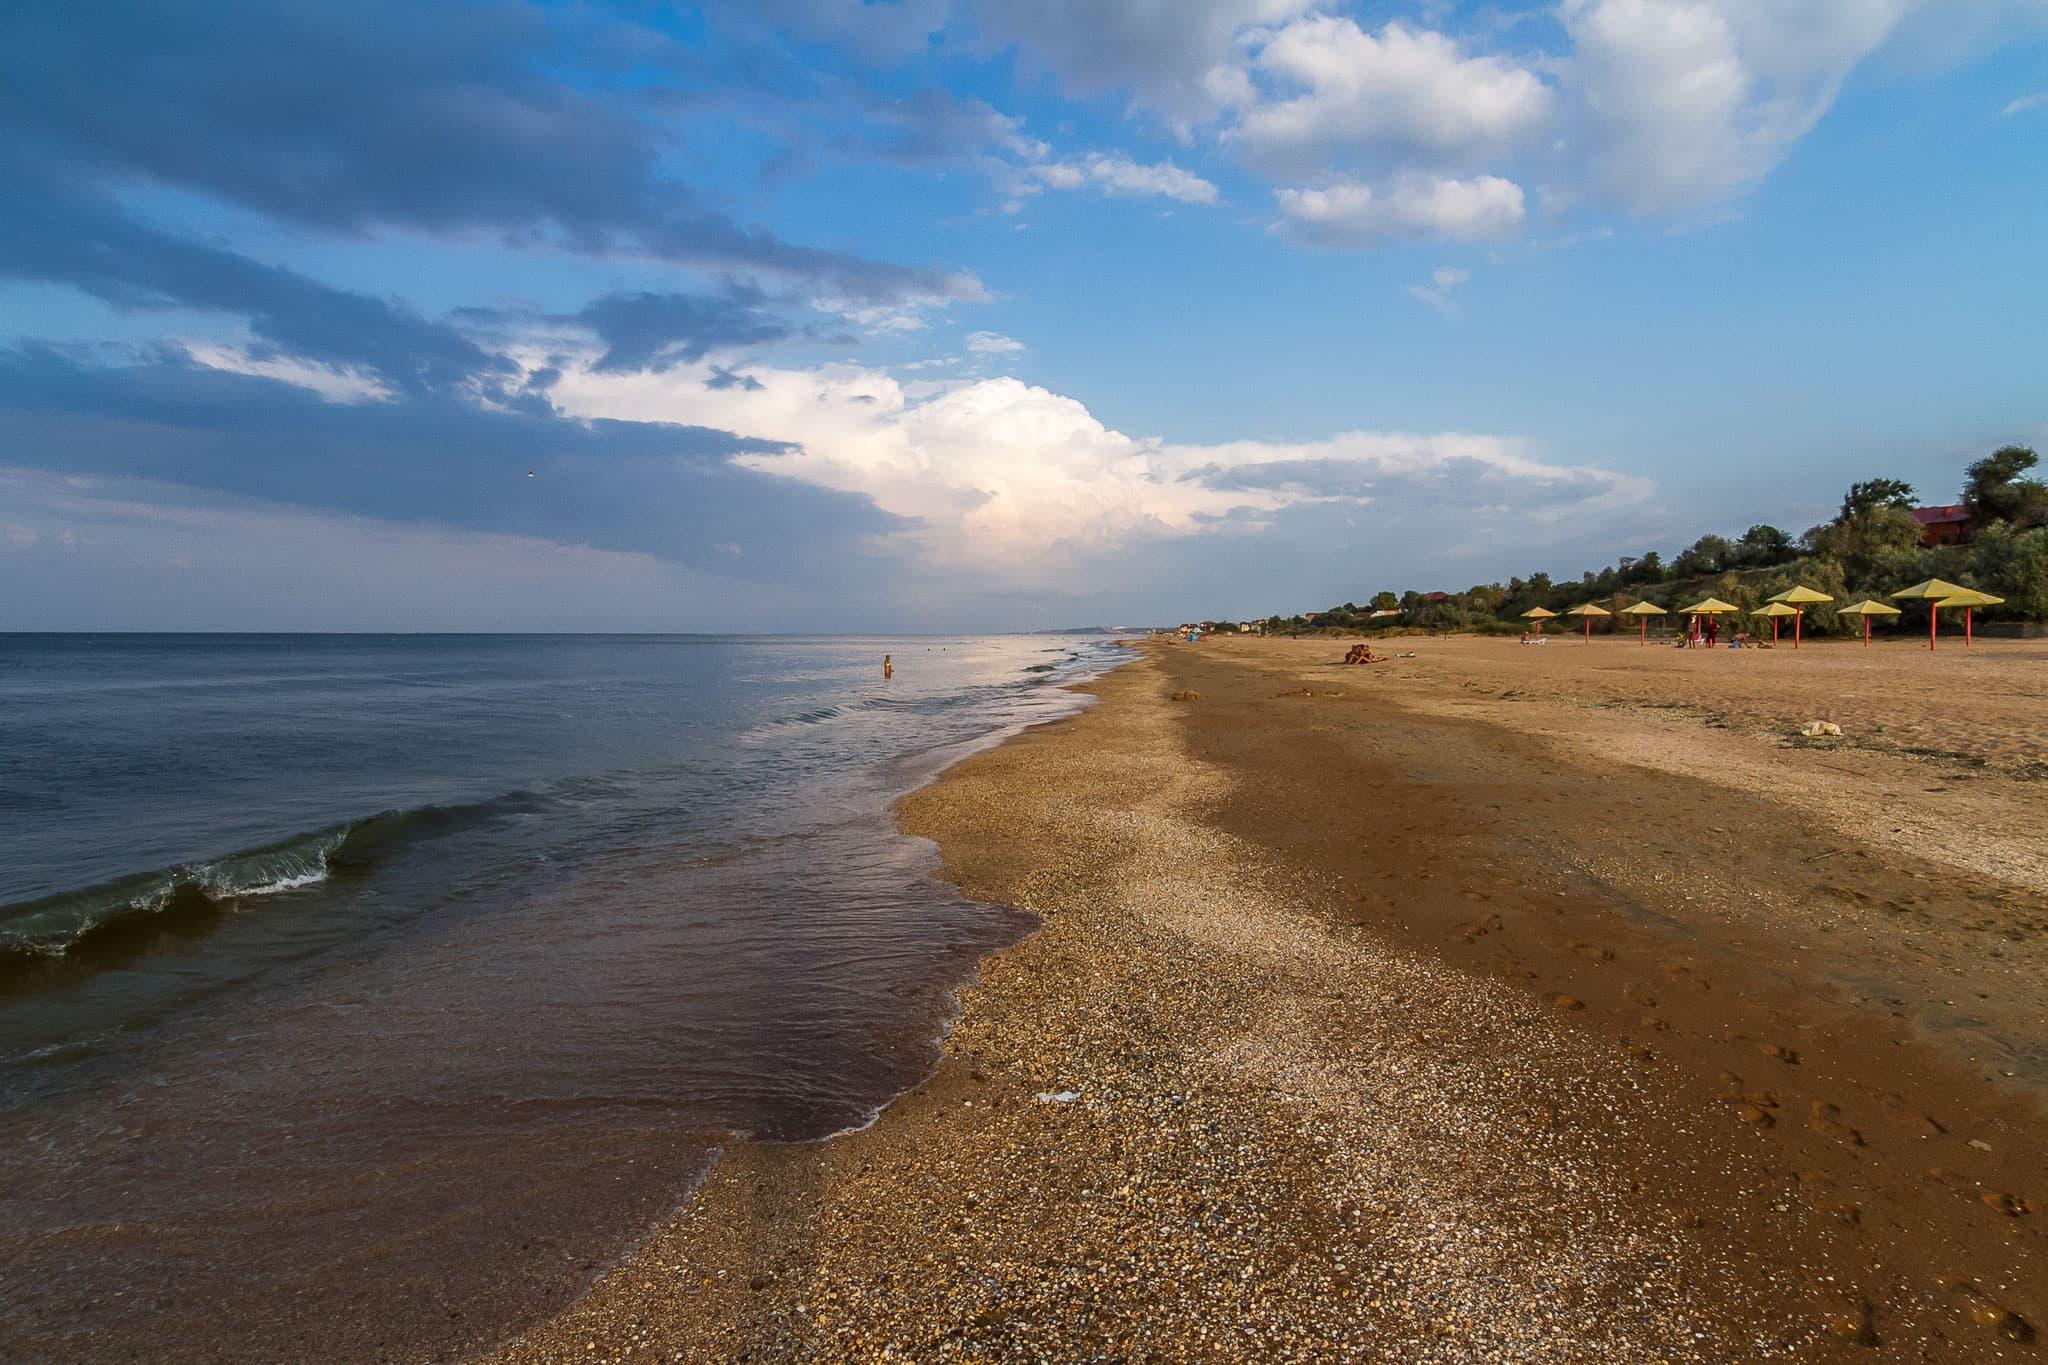 азовское море фотографии пляжа был первый